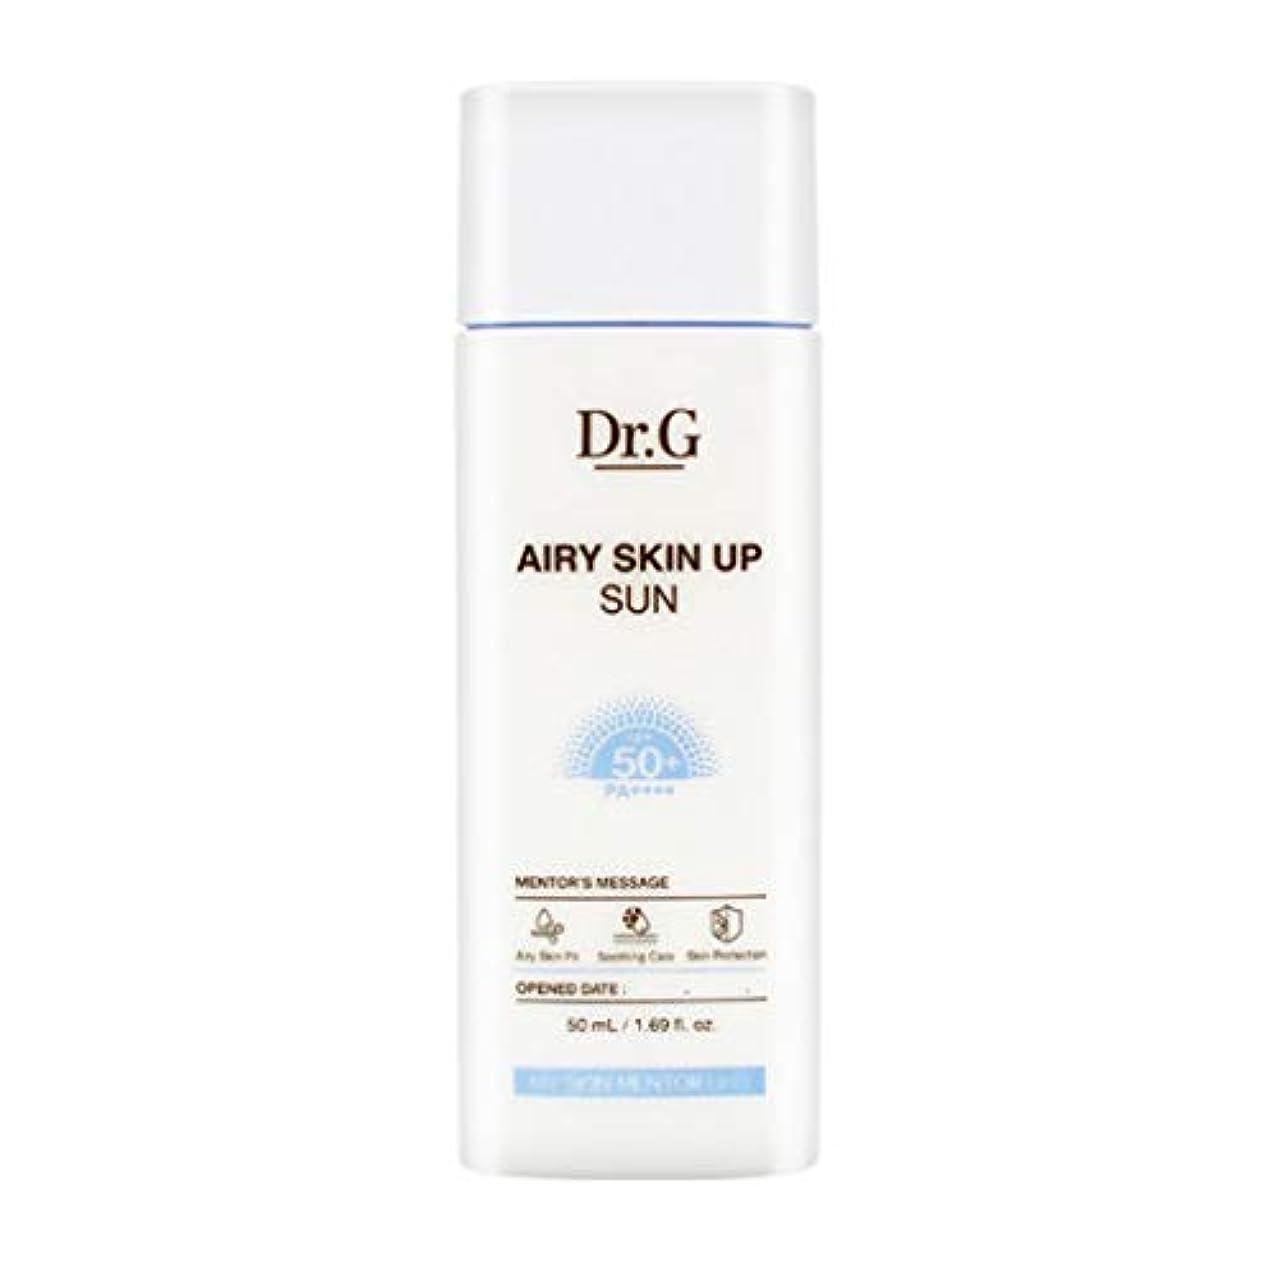 細菌スポーツマンポスト印象派Dr.G ドクタージー Airy Skin Up Sun エアリースキンアップサン (50ml) SPF50+ PA++++ Dr G DrG 日焼け止め